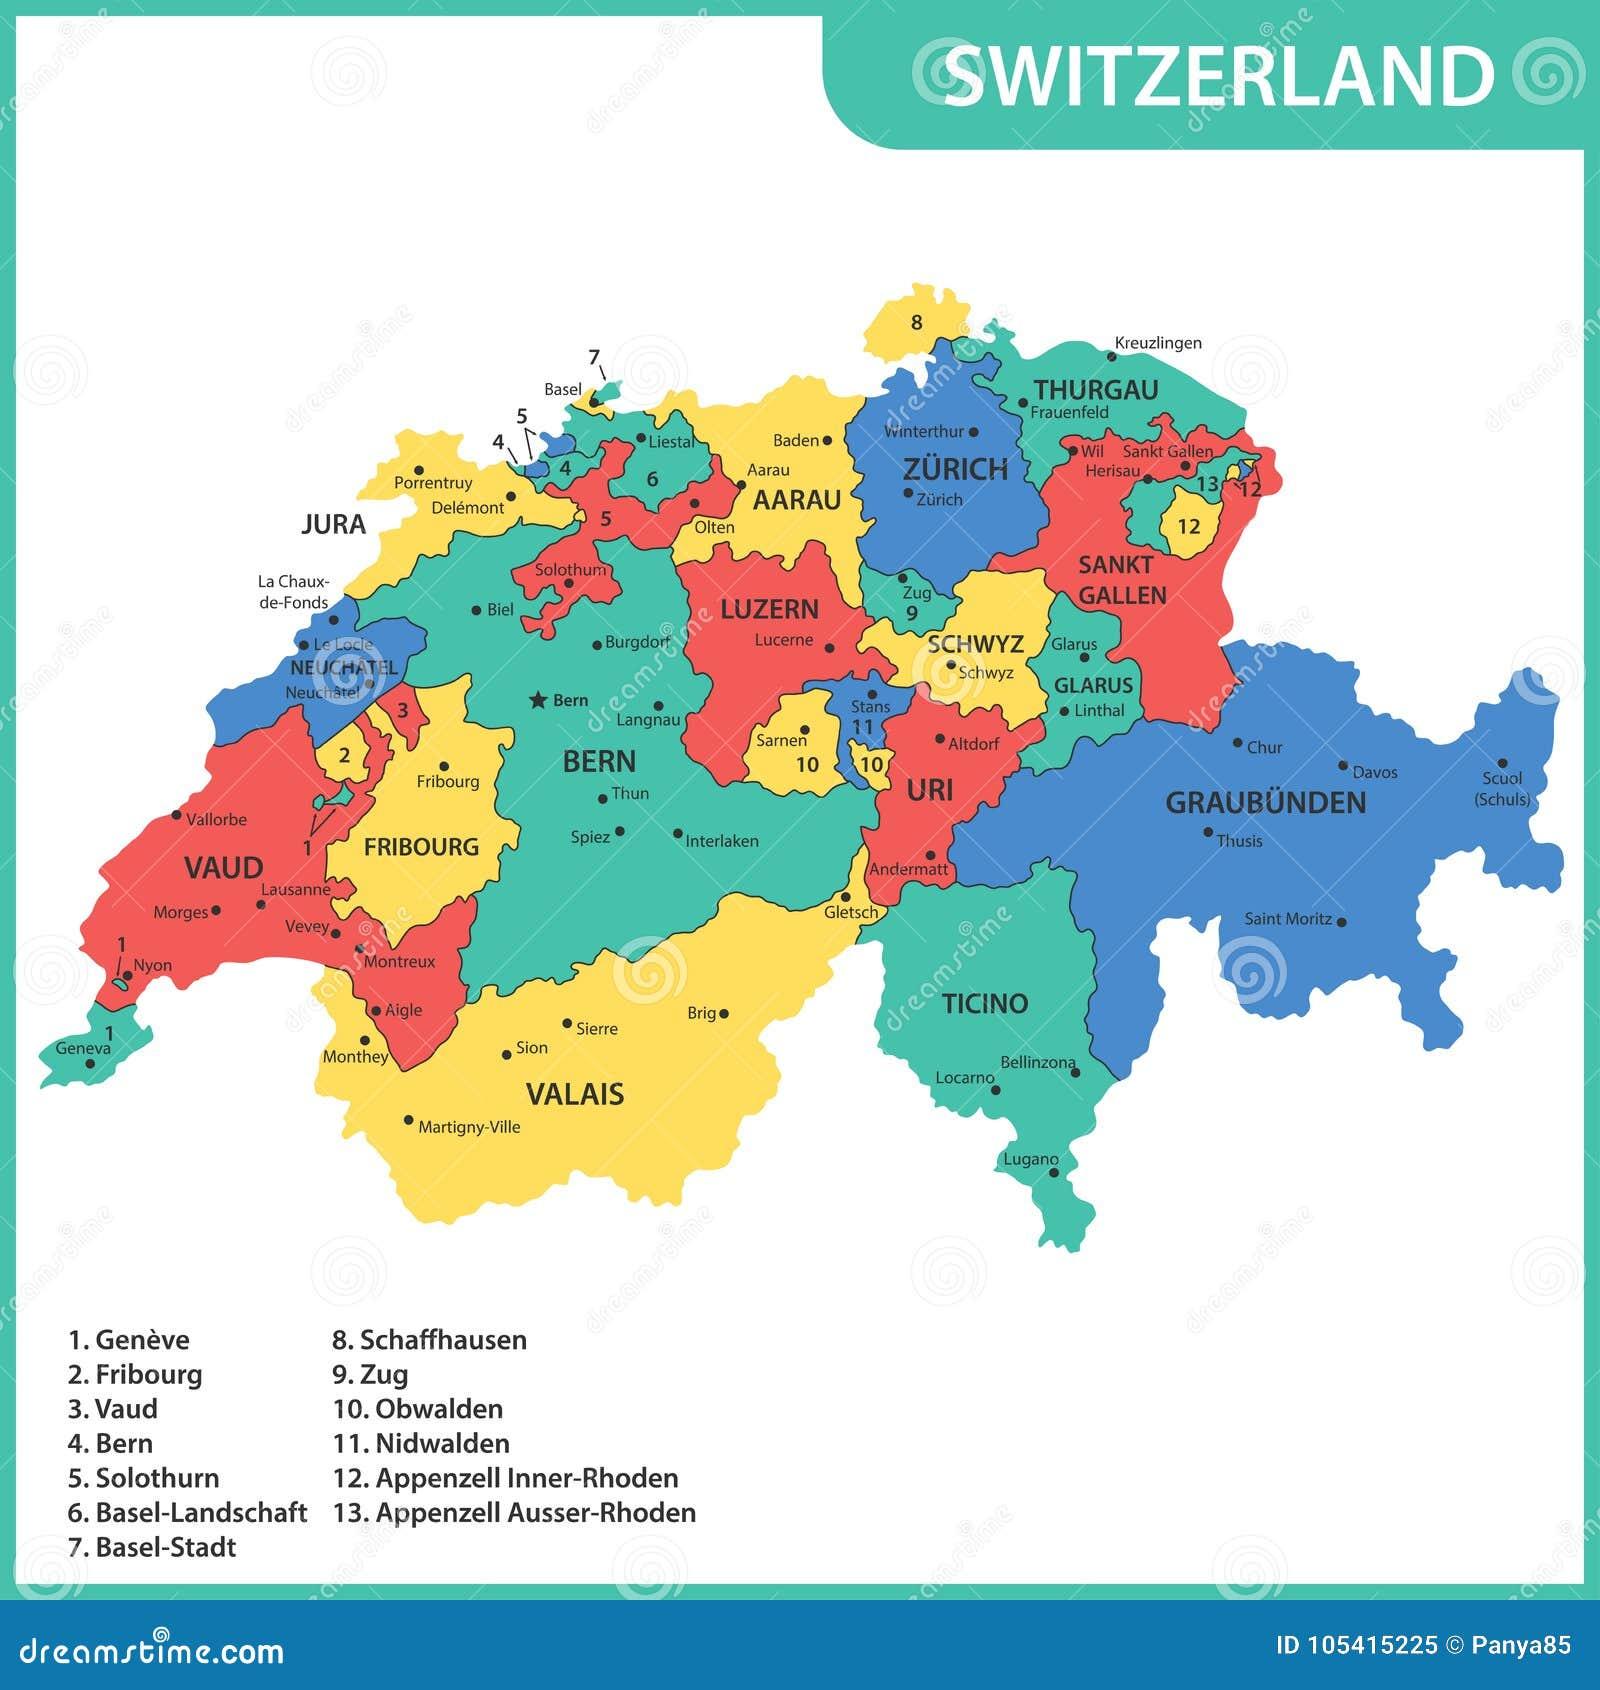 Dettagliata Cartina Della Svizzera.La Mappa Dettagliata Della Svizzera Con Le Regioni O Stati E Citta Capitali Illustrazione Vettoriale Illustrazione Di Atlante Basilea 105415225